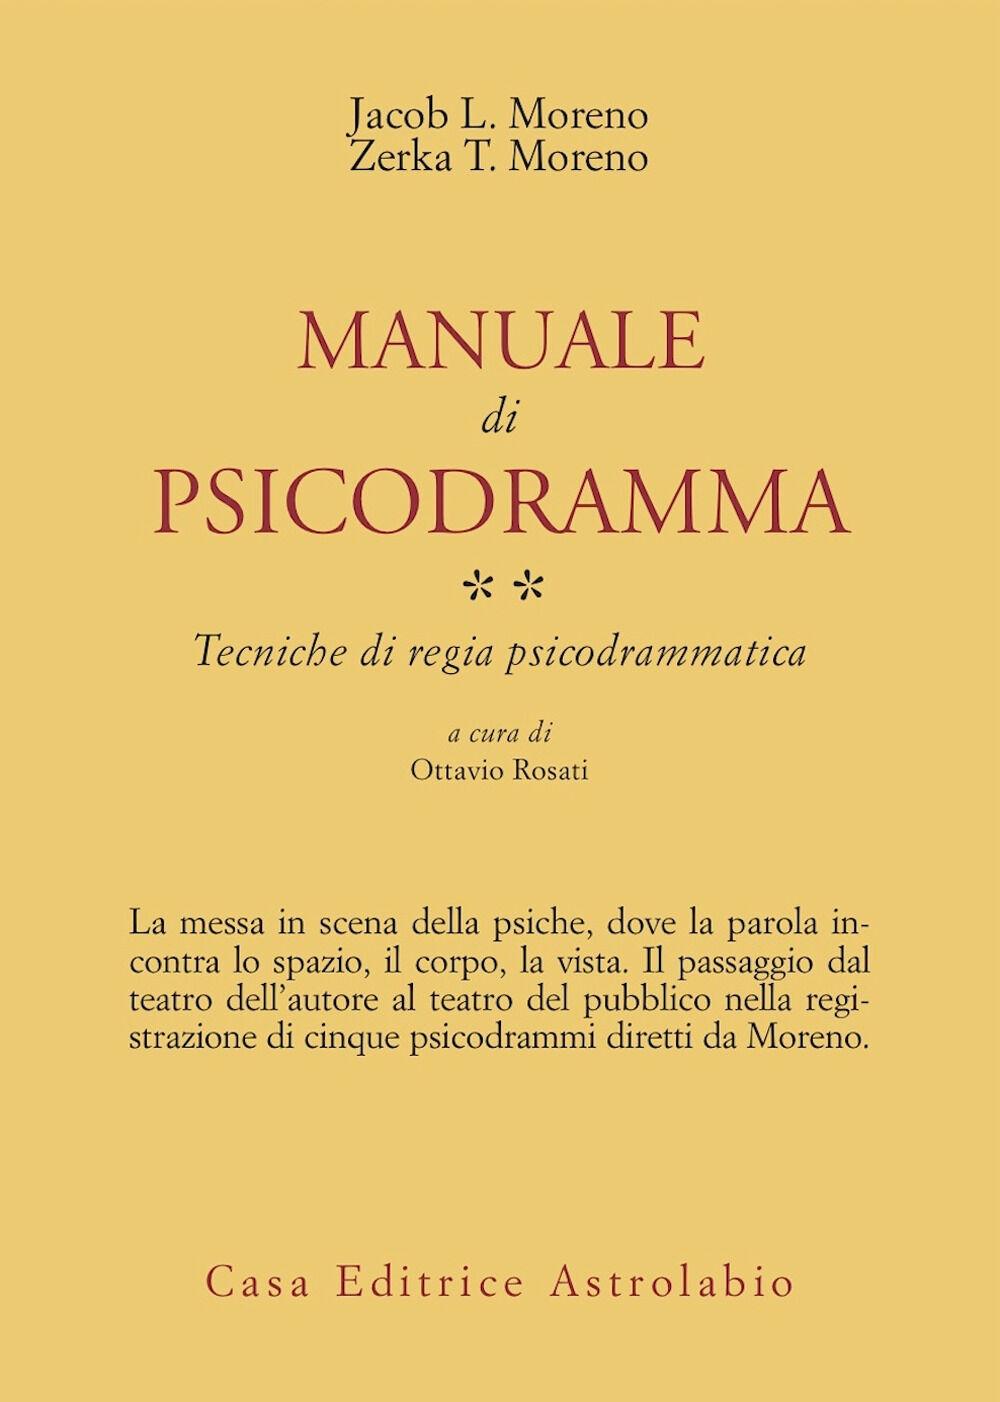 Manuale di psicodramma. Vol. 2: Tecniche di regia psicodrammatica.